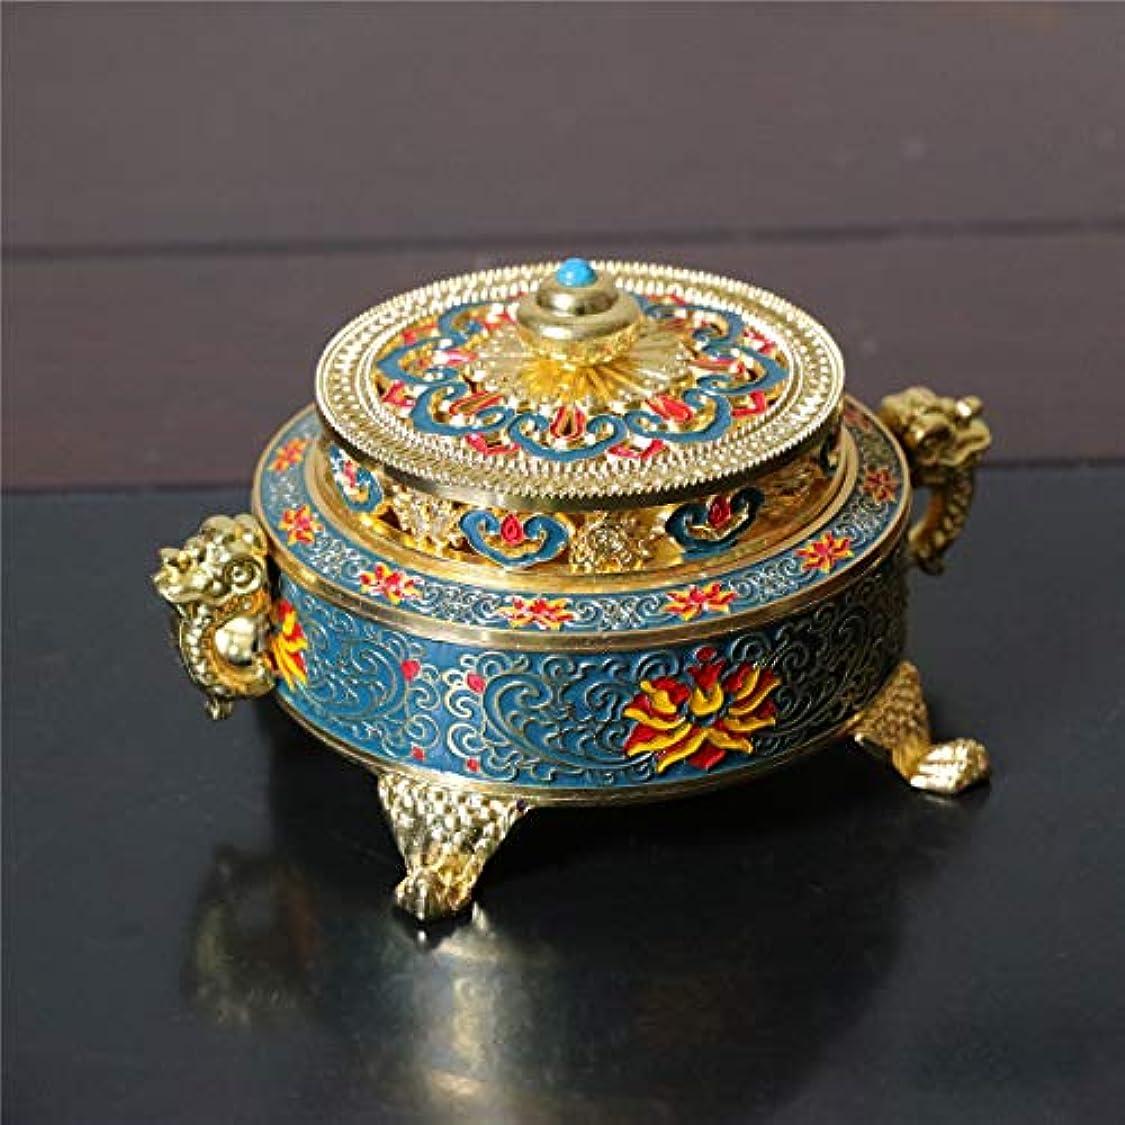 コーデリア暫定の警察PHILOGOD 香炉 美しく印刷渦巻き線香 香立て 仏壇用 香皿 (Blue Enamel)